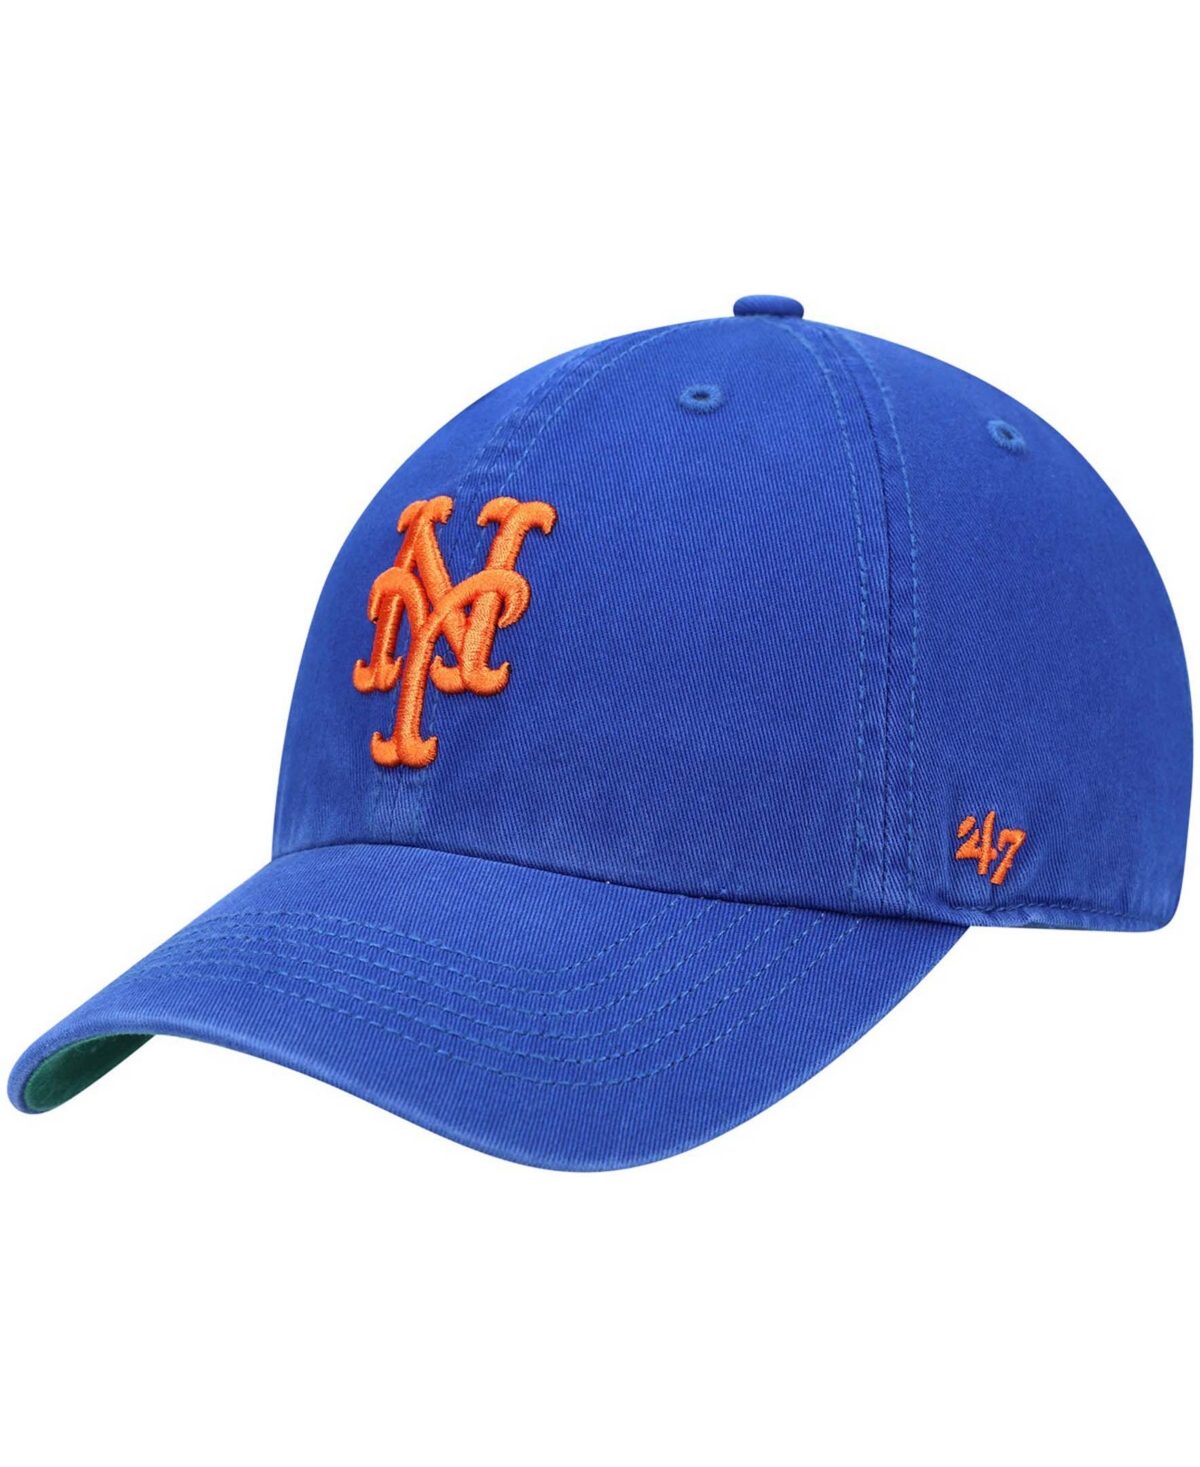 47 Brand Mens New York Mets Home Team Franchise Cap